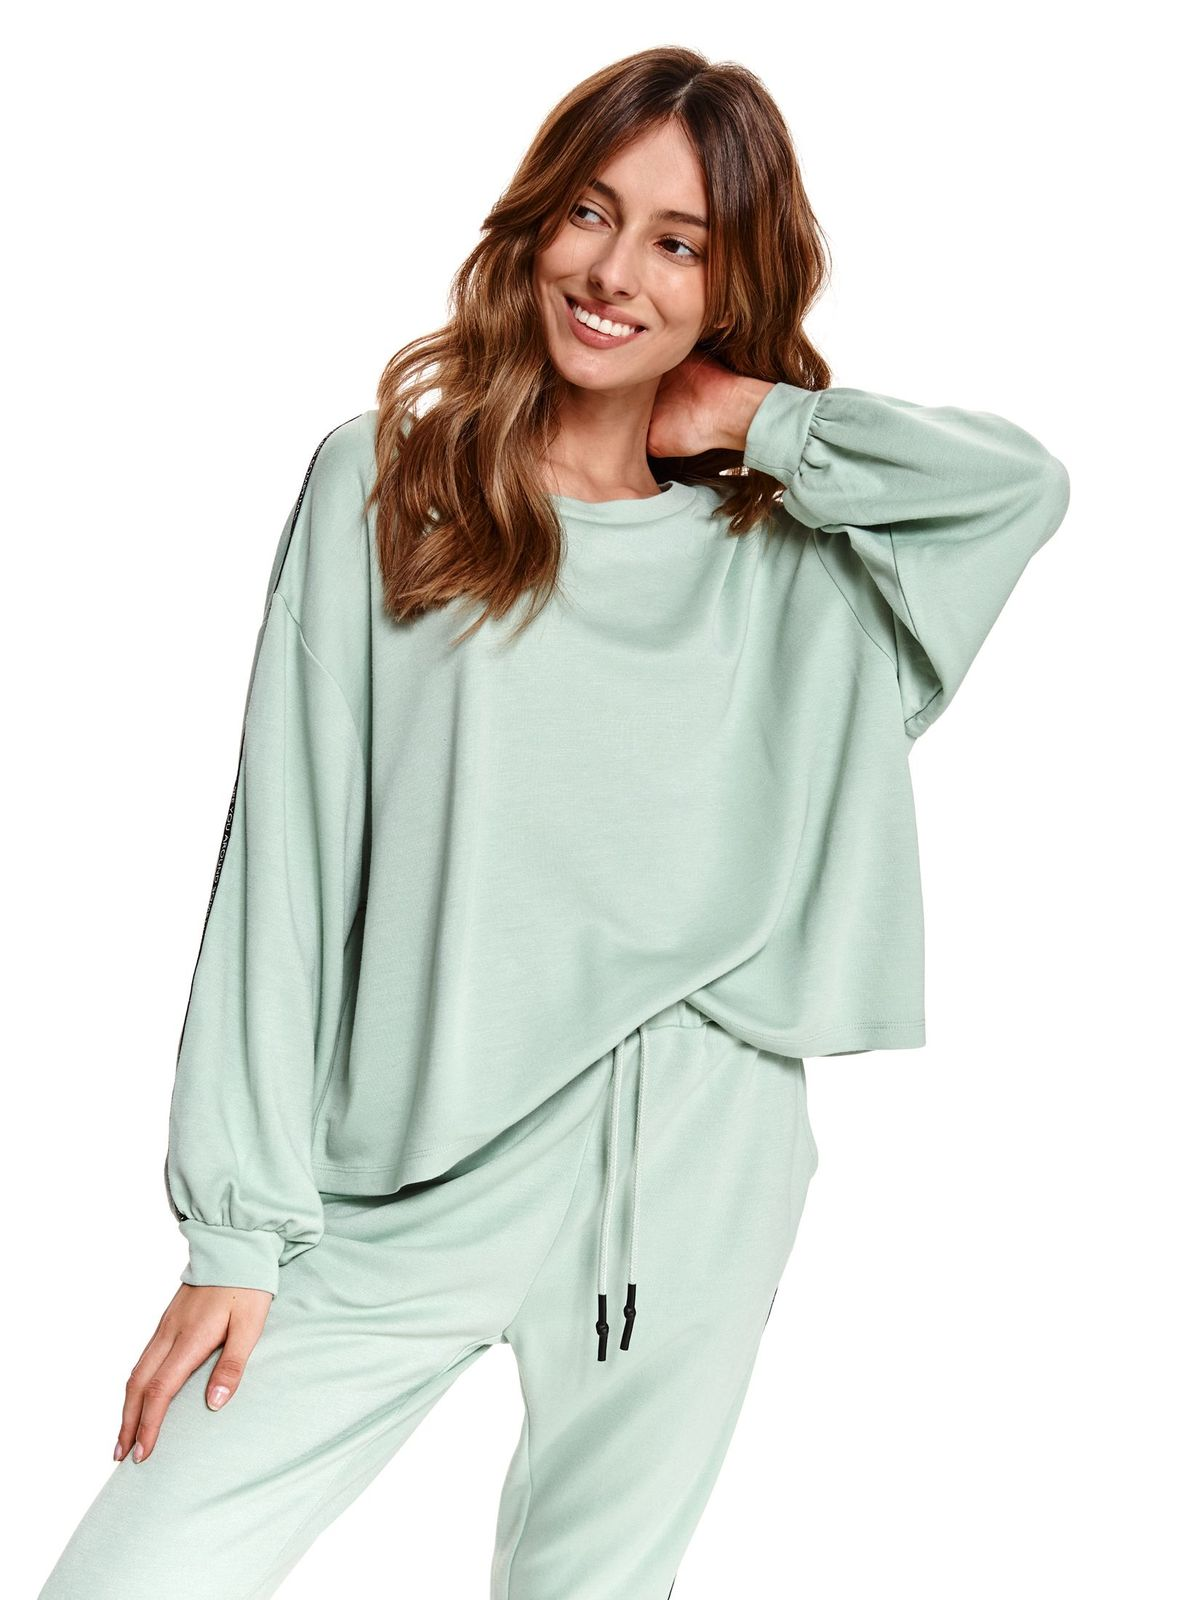 Bluza dama turcoaz Top Secret din material elastic cu maneci bufante si cu croi larg